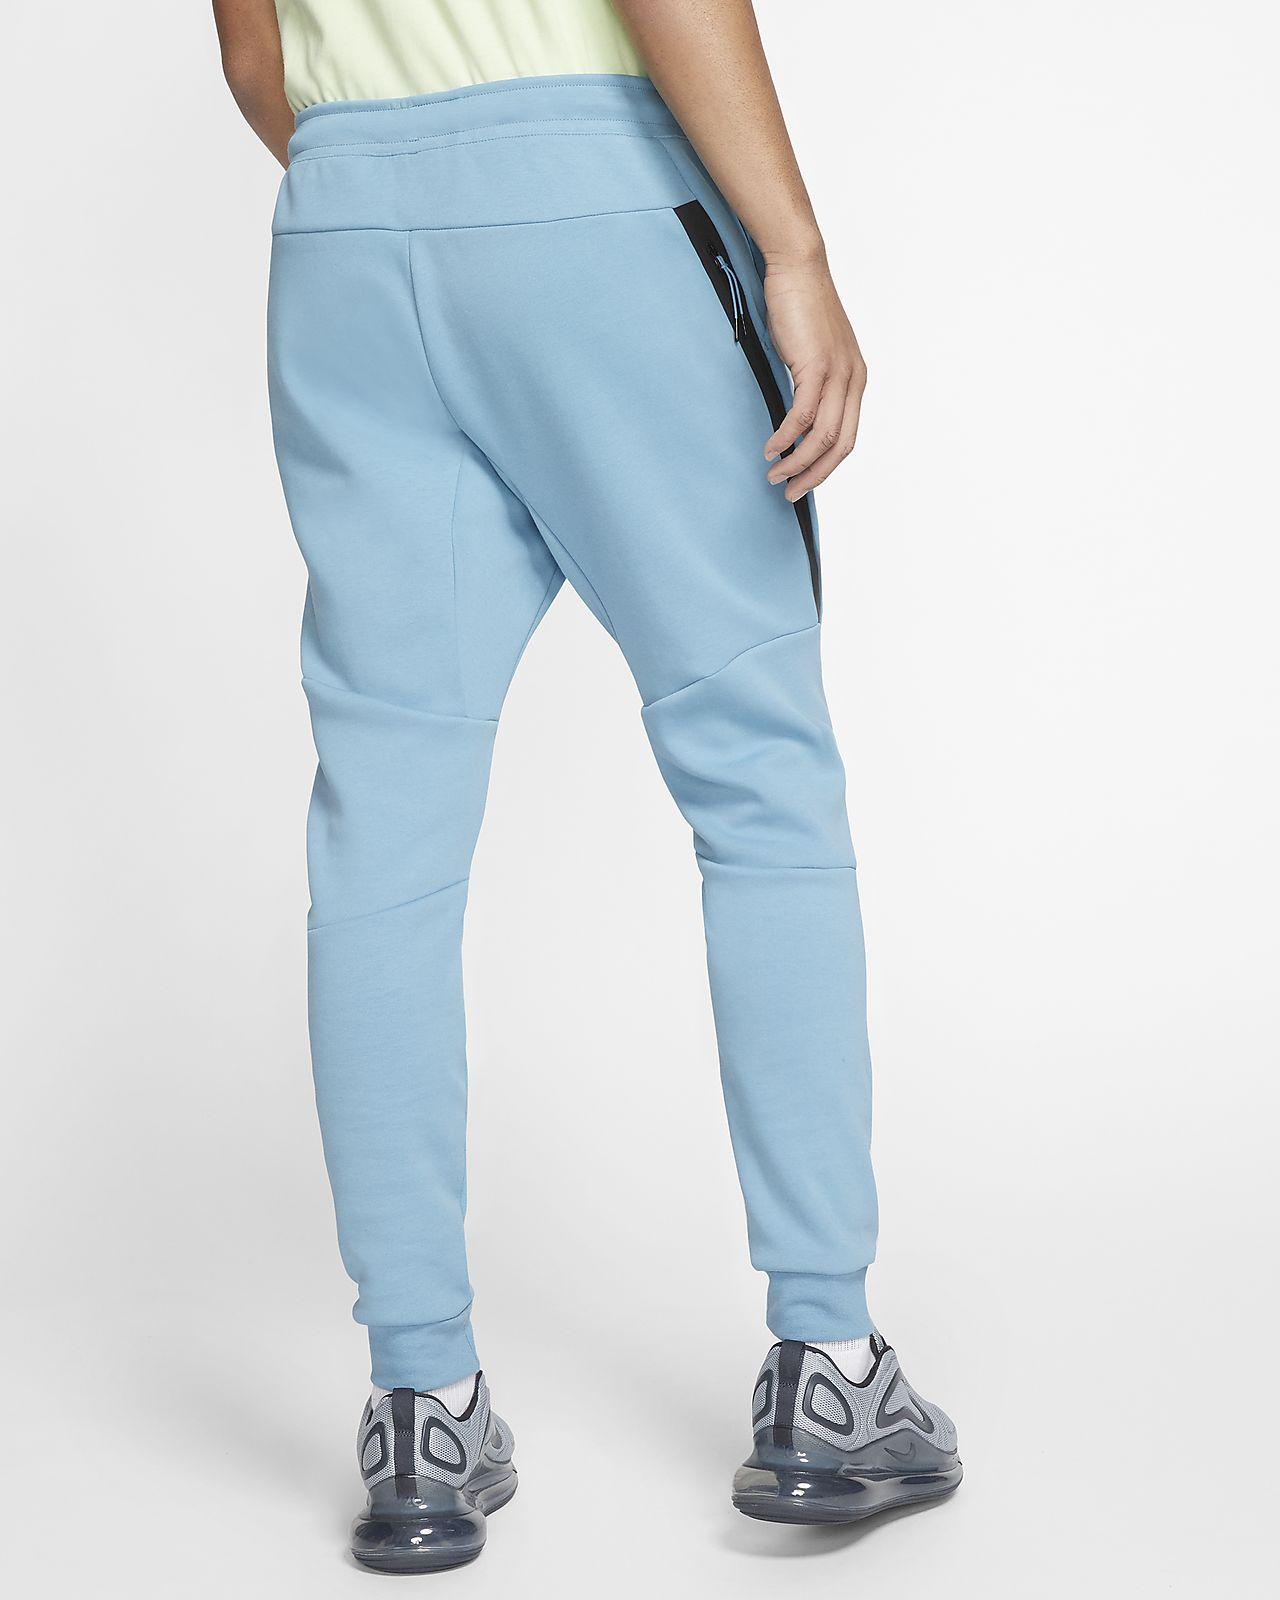 Nike Tech Fleece | Kjøp Tech Fleece bukser & klær online hos